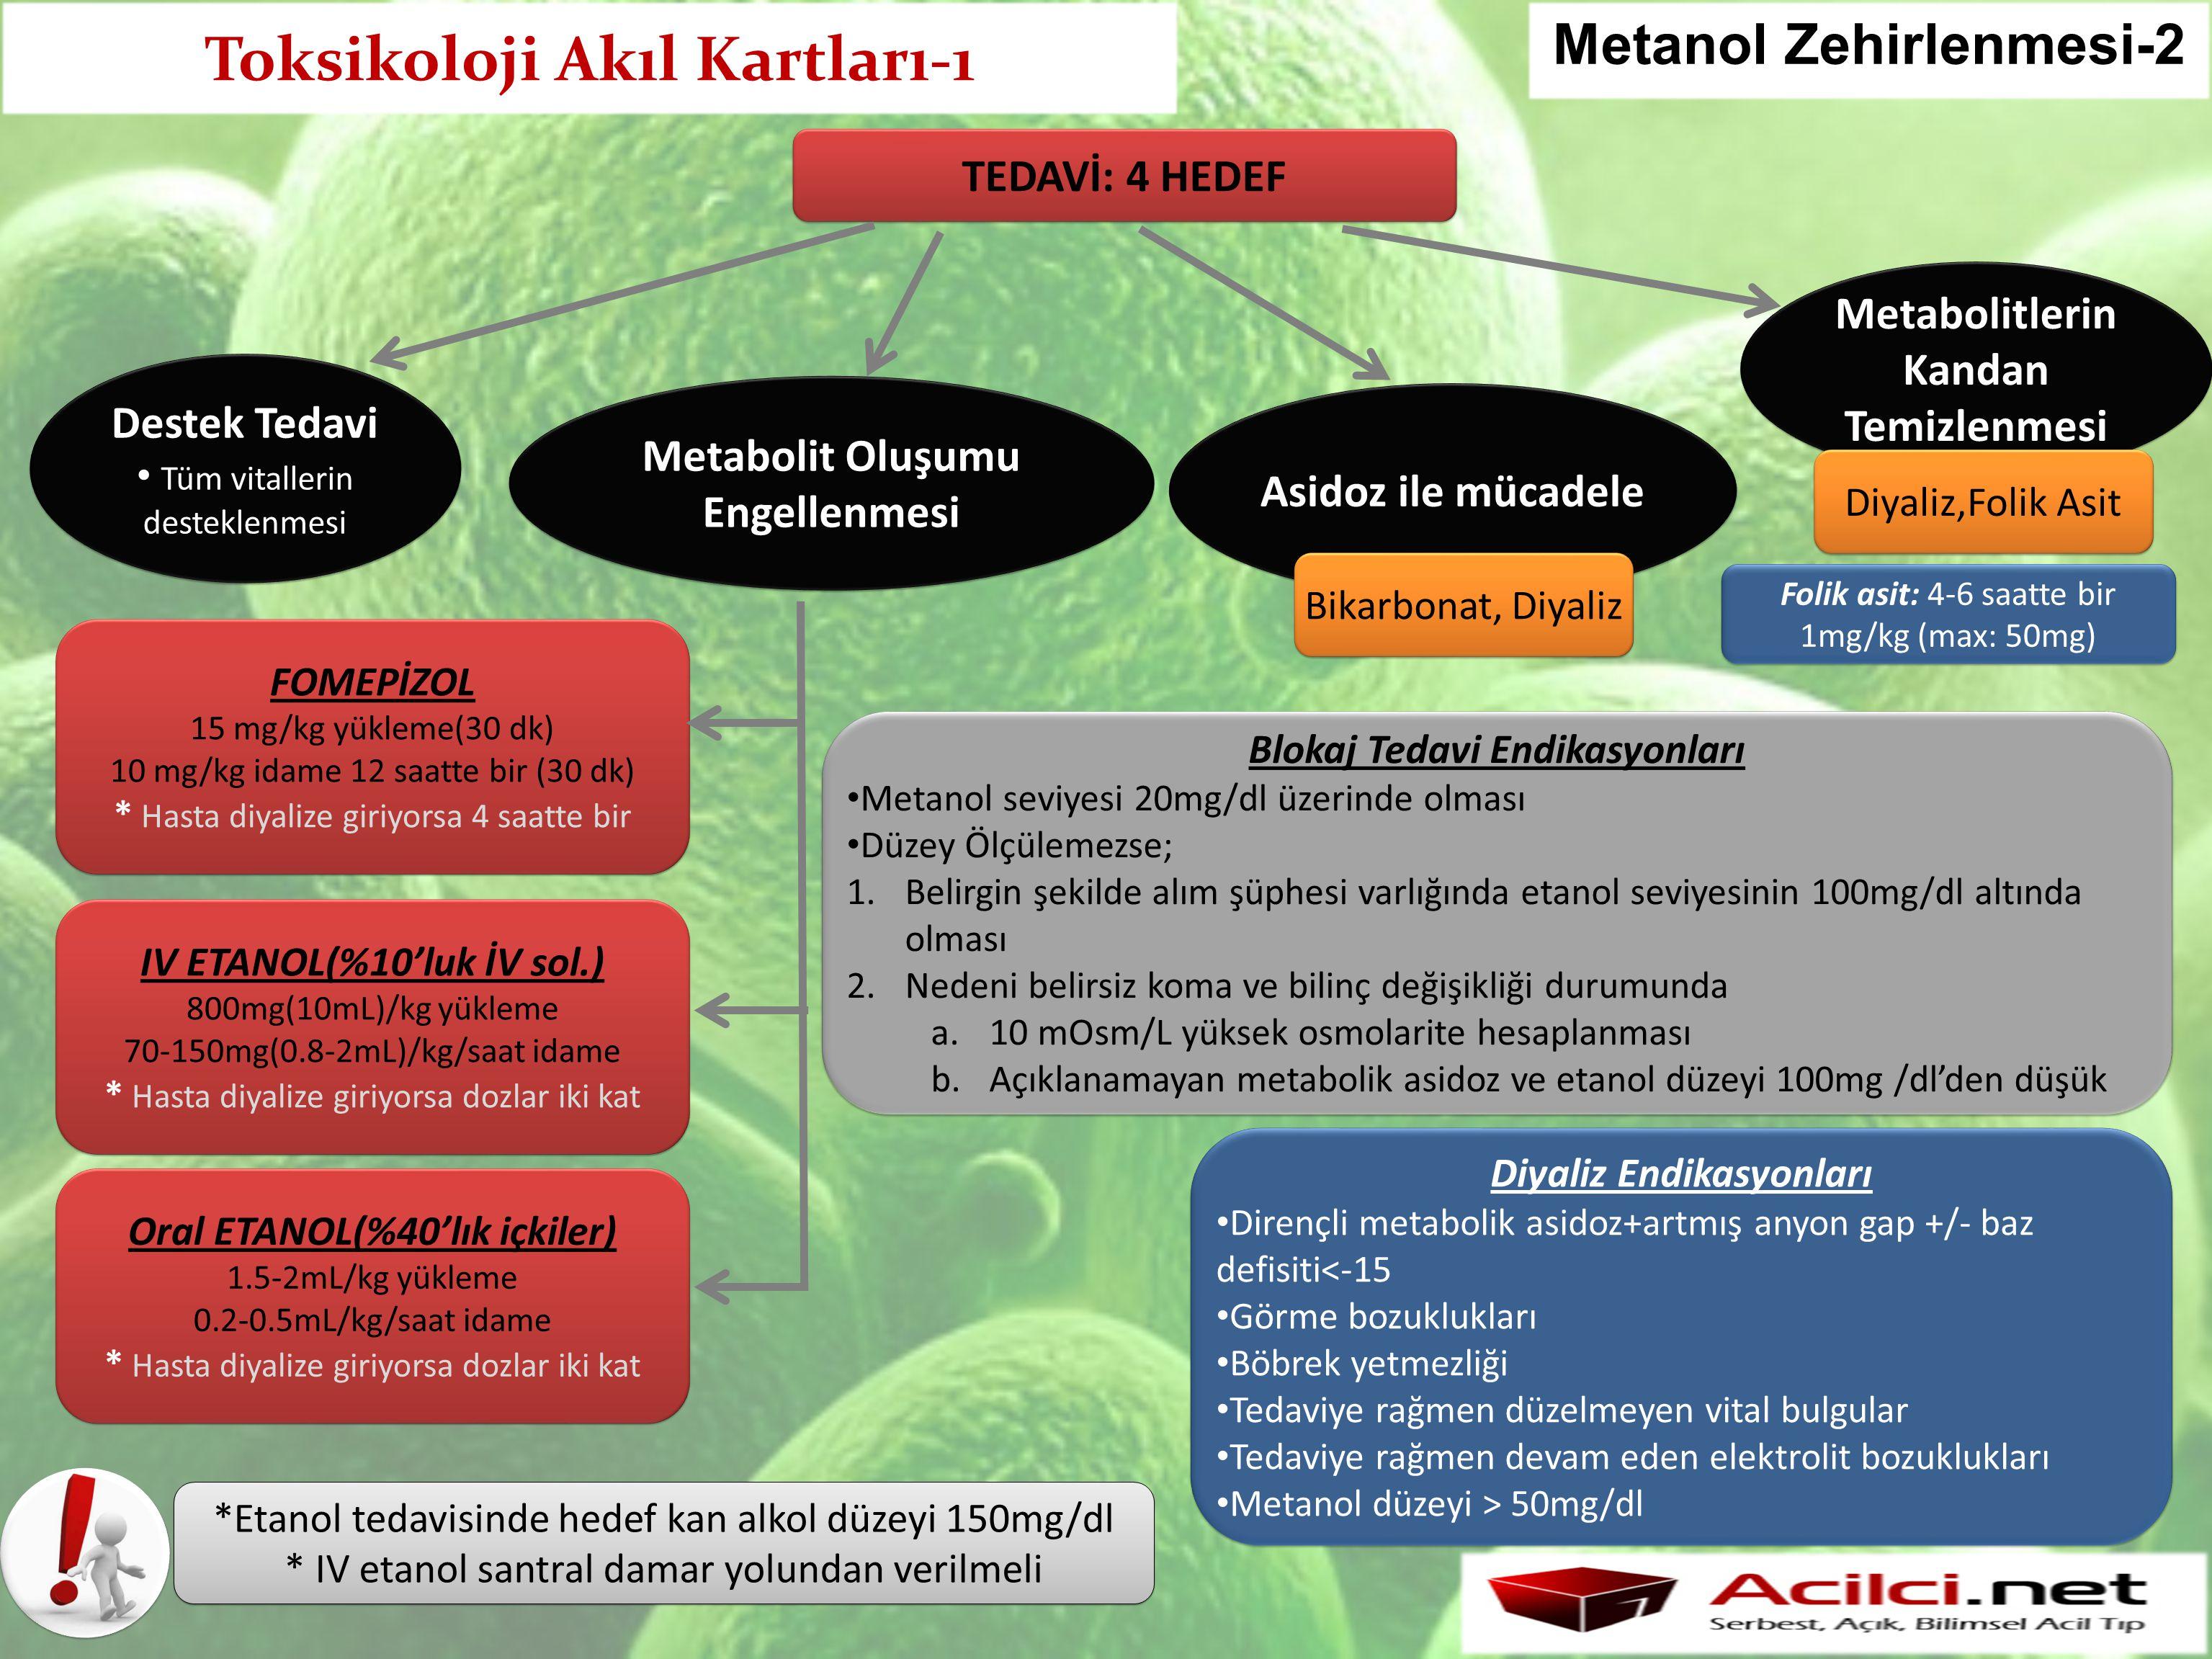 Toksikoloji Akıl Kartları-1 Metanol Zehirlenmesi-2 TEDAVİ: 4 HEDEF Destek Tedavi Tüm vitallerin desteklenmesi Destek Tedavi Tüm vitallerin desteklenme